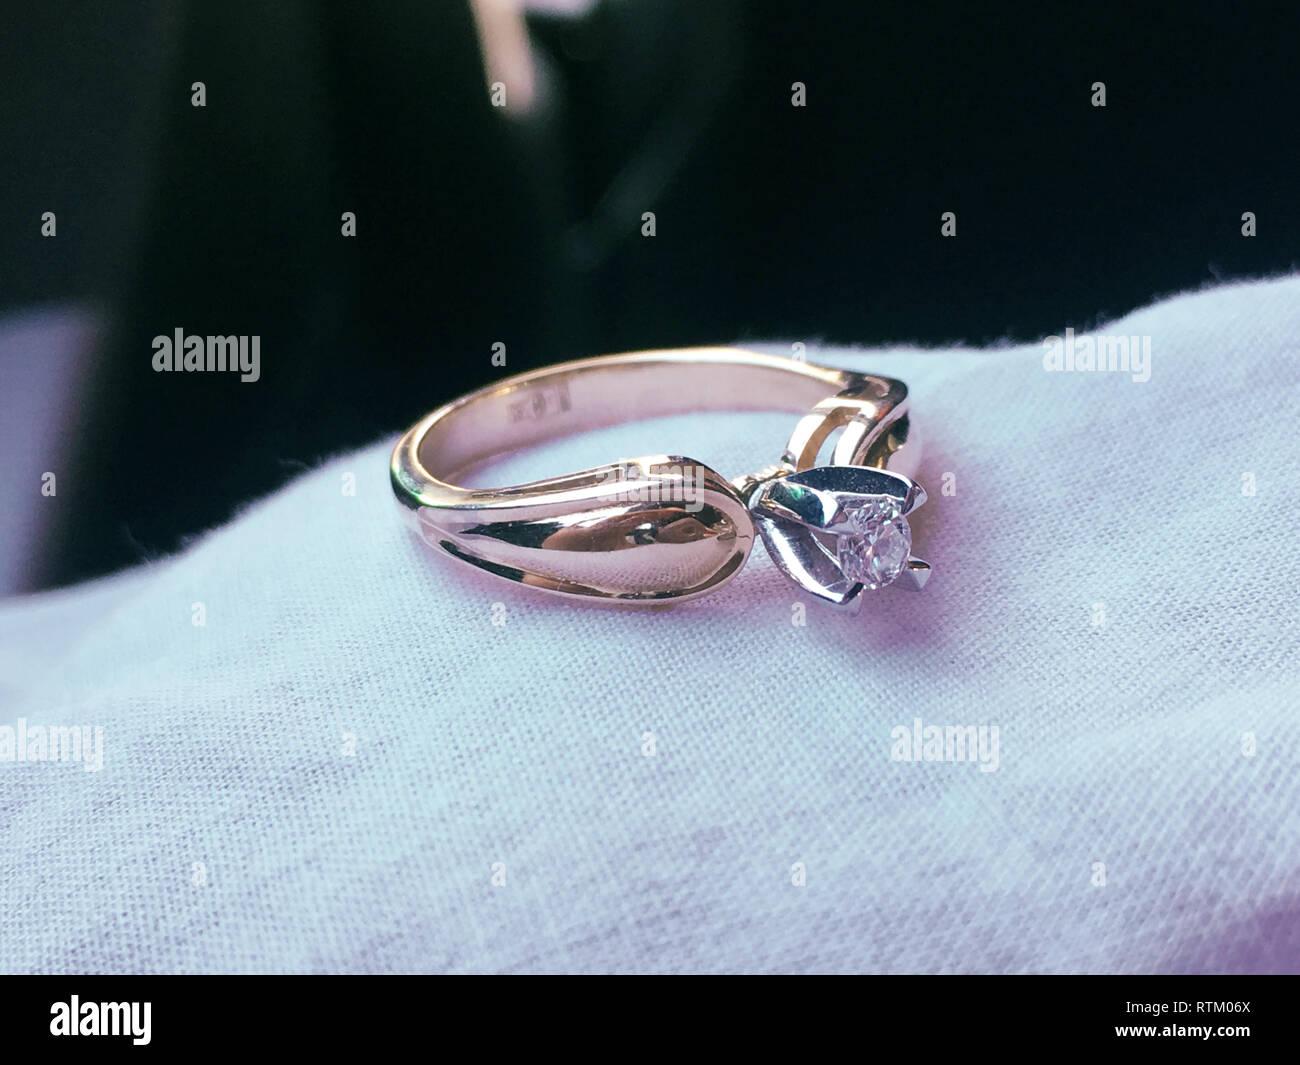 Nahaufnahme eines eleganten Diamond Ring auf dem Bett mit weißen und rosa getrocknete Blumen Bouquet Hintergrund, weiche und selektiven Fokus. Liebe und Hochzeit Konzept. Stockfoto